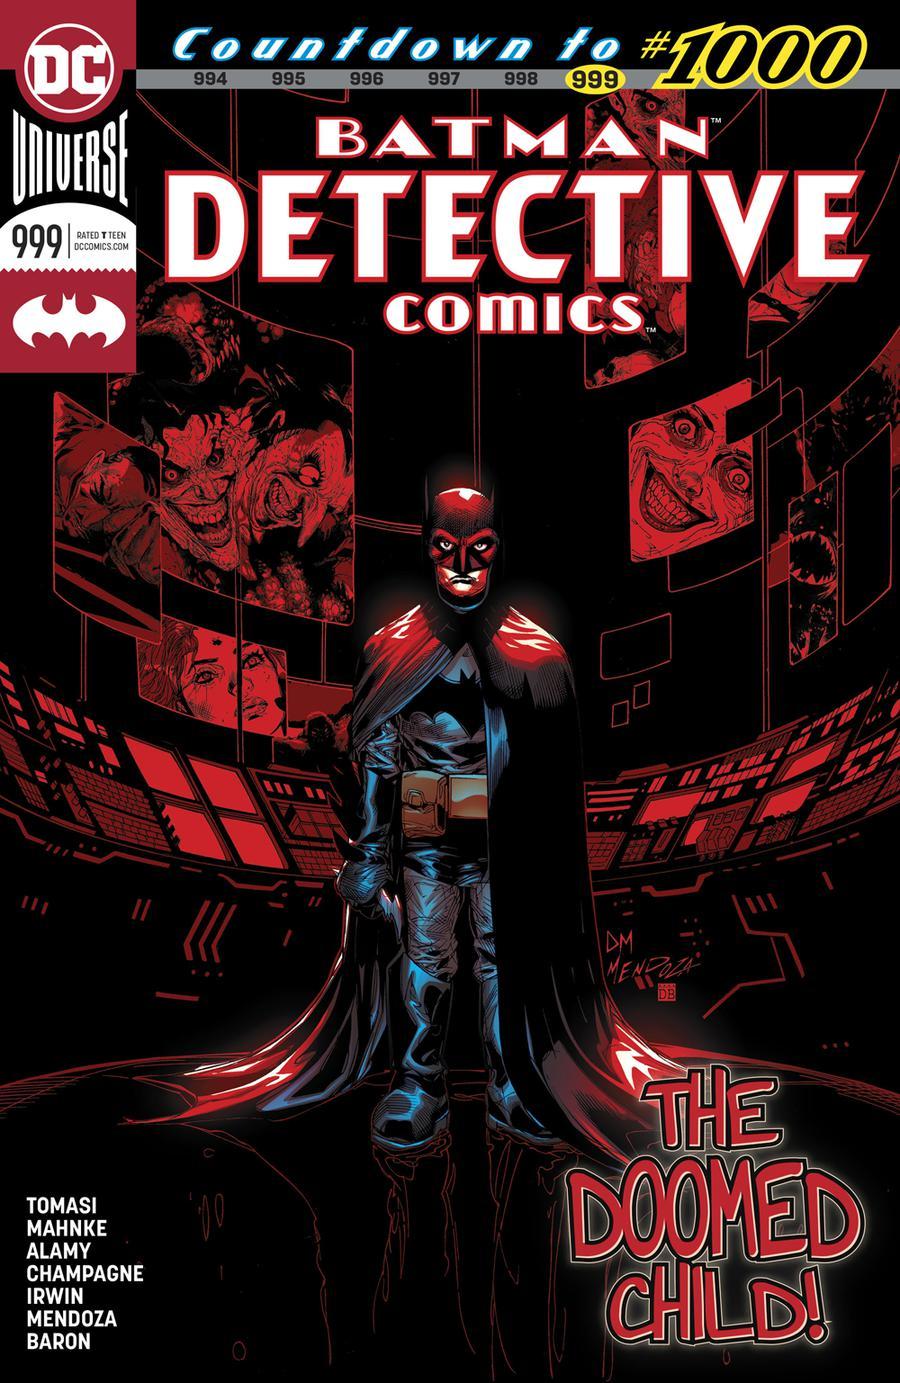 Detective Comics Vol 2 #999 Cover A Regular Doug Mahnke & Jaime Mendoza Cover